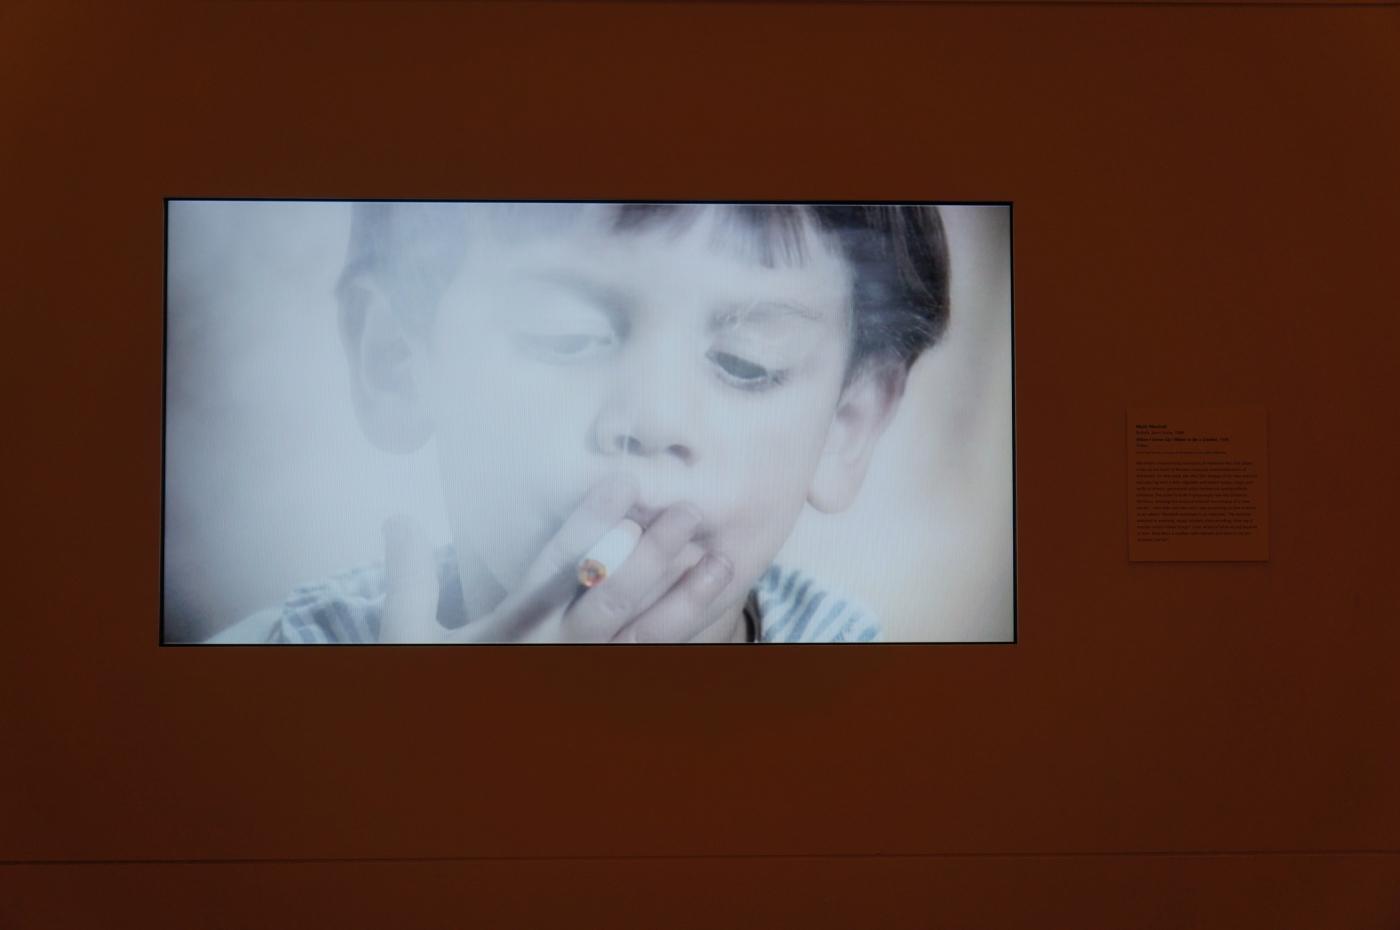 [jiejoy]大都会博物馆---吸烟的小孩_图1-6